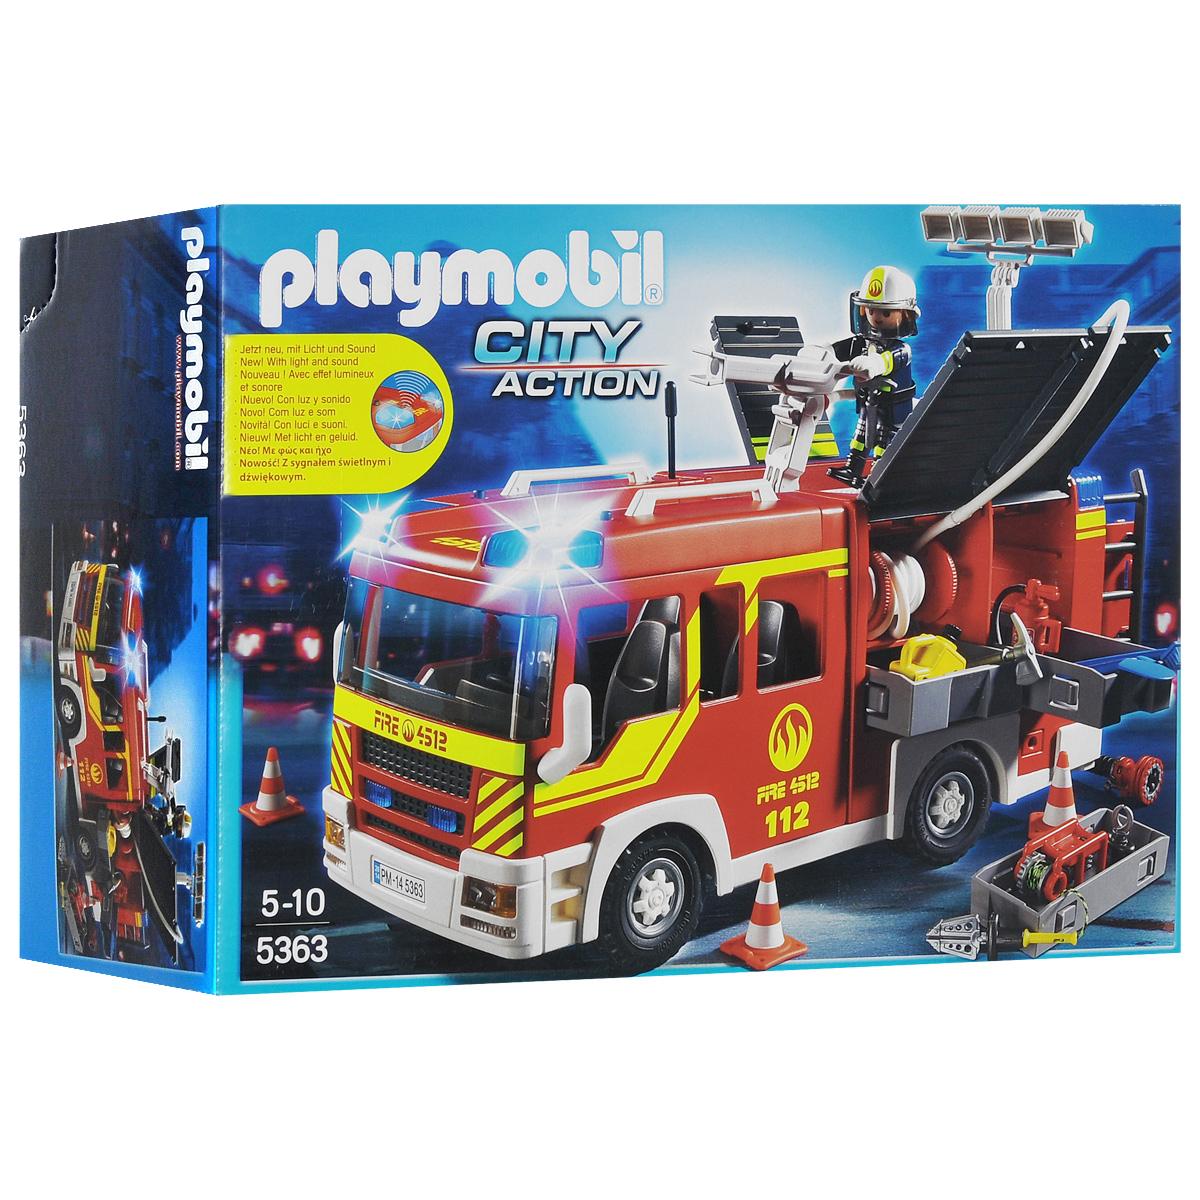 Playmobil Игровой набор Пожарная машина5363pmИгровой набор Playmobil Пожарная машина обязательно понравится вашему ребенку. Он выполнен из безопасного пластика и включает пожарную машину, фигурку пожарного и различные аксессуары для тушения пожара. У фигурки подвижные части тела; в руках она может удерживать предметы. Две сирены и мигалка расчистят дорогу пожарной машине. Для борьбы с огнем у пожарного есть не только огнетушитель, лопата и веревка, но и водяная пушка. Ваш ребенок с удовольствием будет играть с набором, придумывая захватывающие истории. Рекомендуемый возраст: от 5 до 10 лет. Необходимо докупить 2 батарейки напряжением 1,5V типа ААА (не входят в комплект).